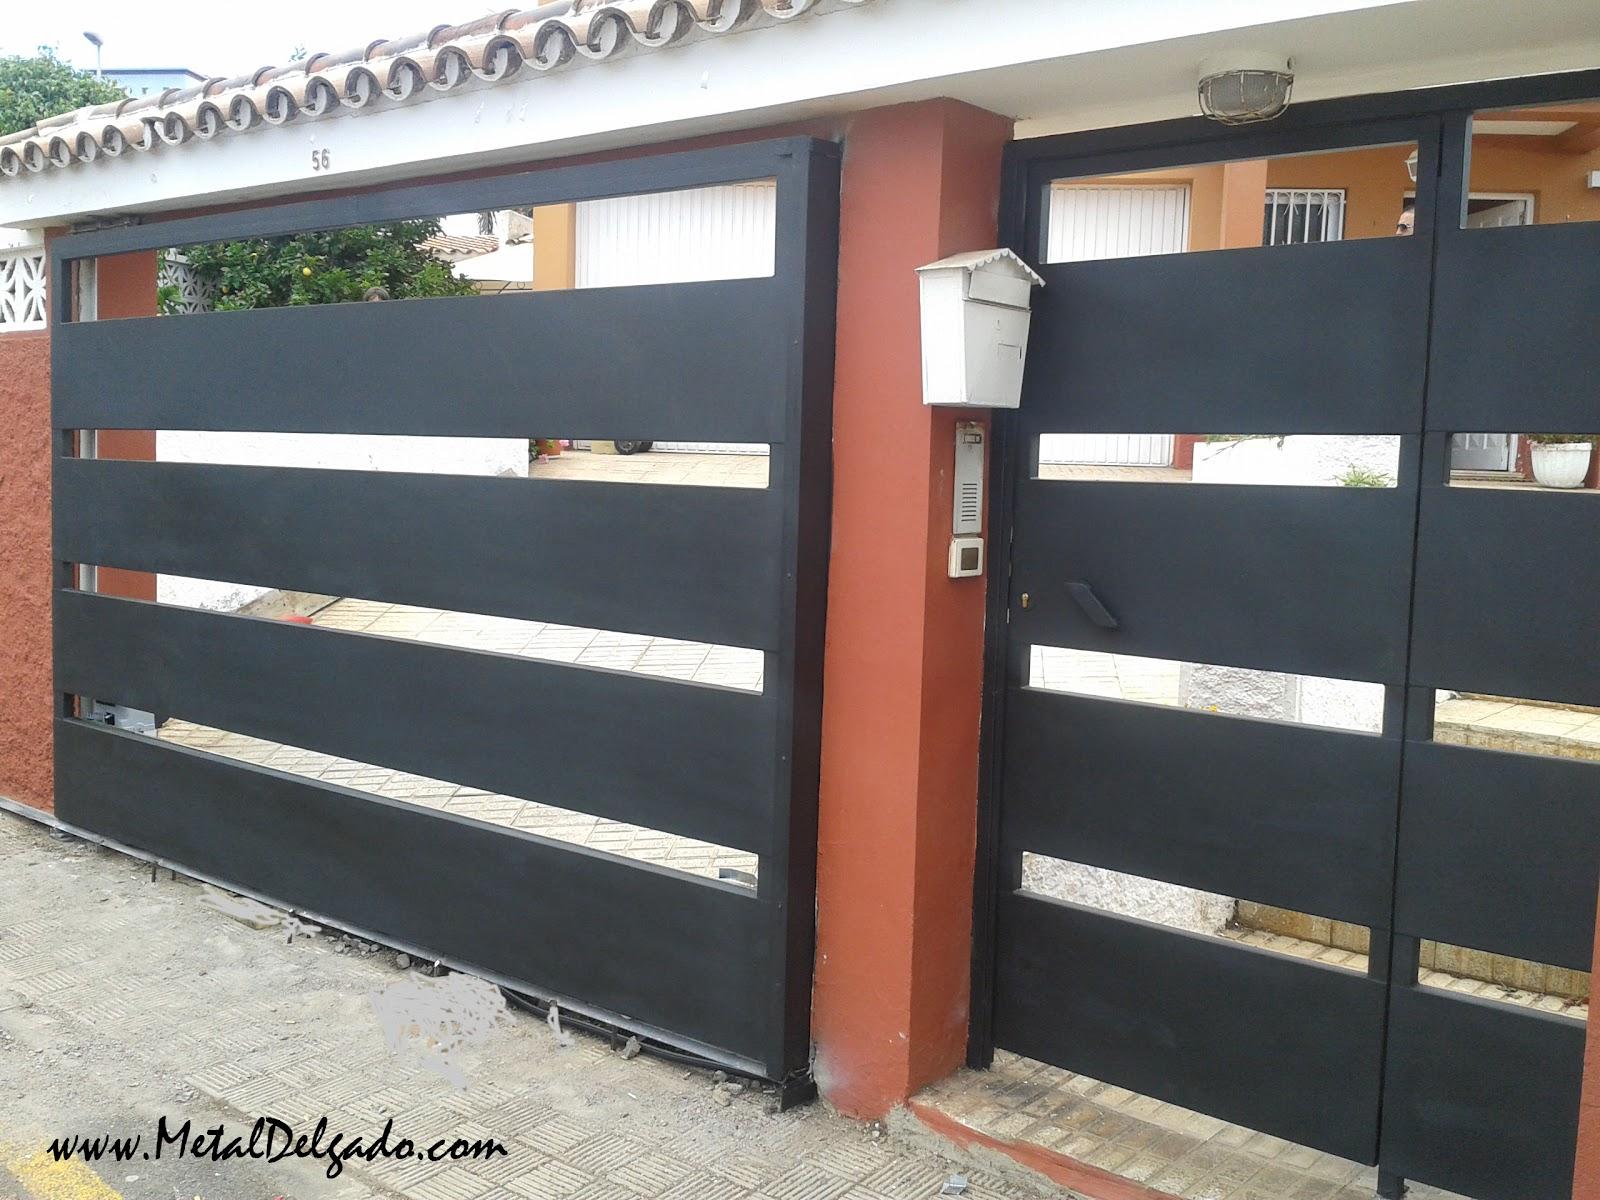 Acero inoxidable tenerife puertas corredera met licas for Puertas corredizas de metal